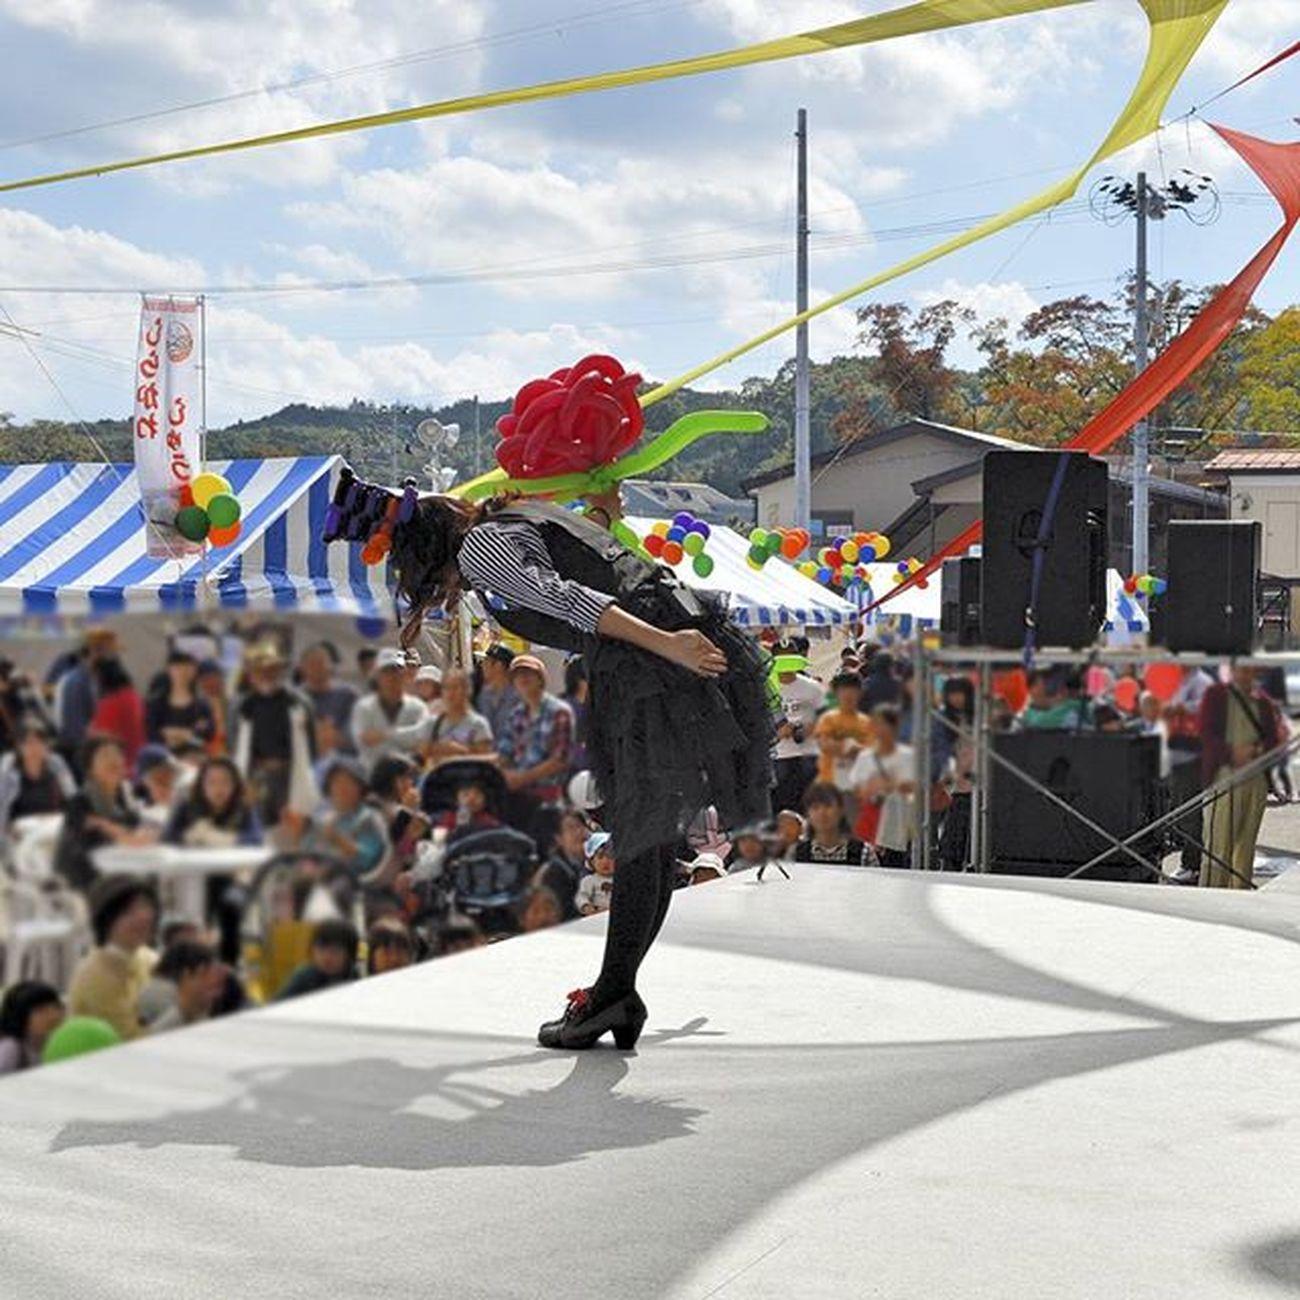 ステージパフォーマンスもやってます バルーン バルーンパフォーマンス バルーンパフォーマー BalloonArtistNOZOMI Decoraしらかわ 白河市 福島県 ふくしま BalloonPerformer Balloonperformance ステージ バラ 薔薇 Rosé 風船